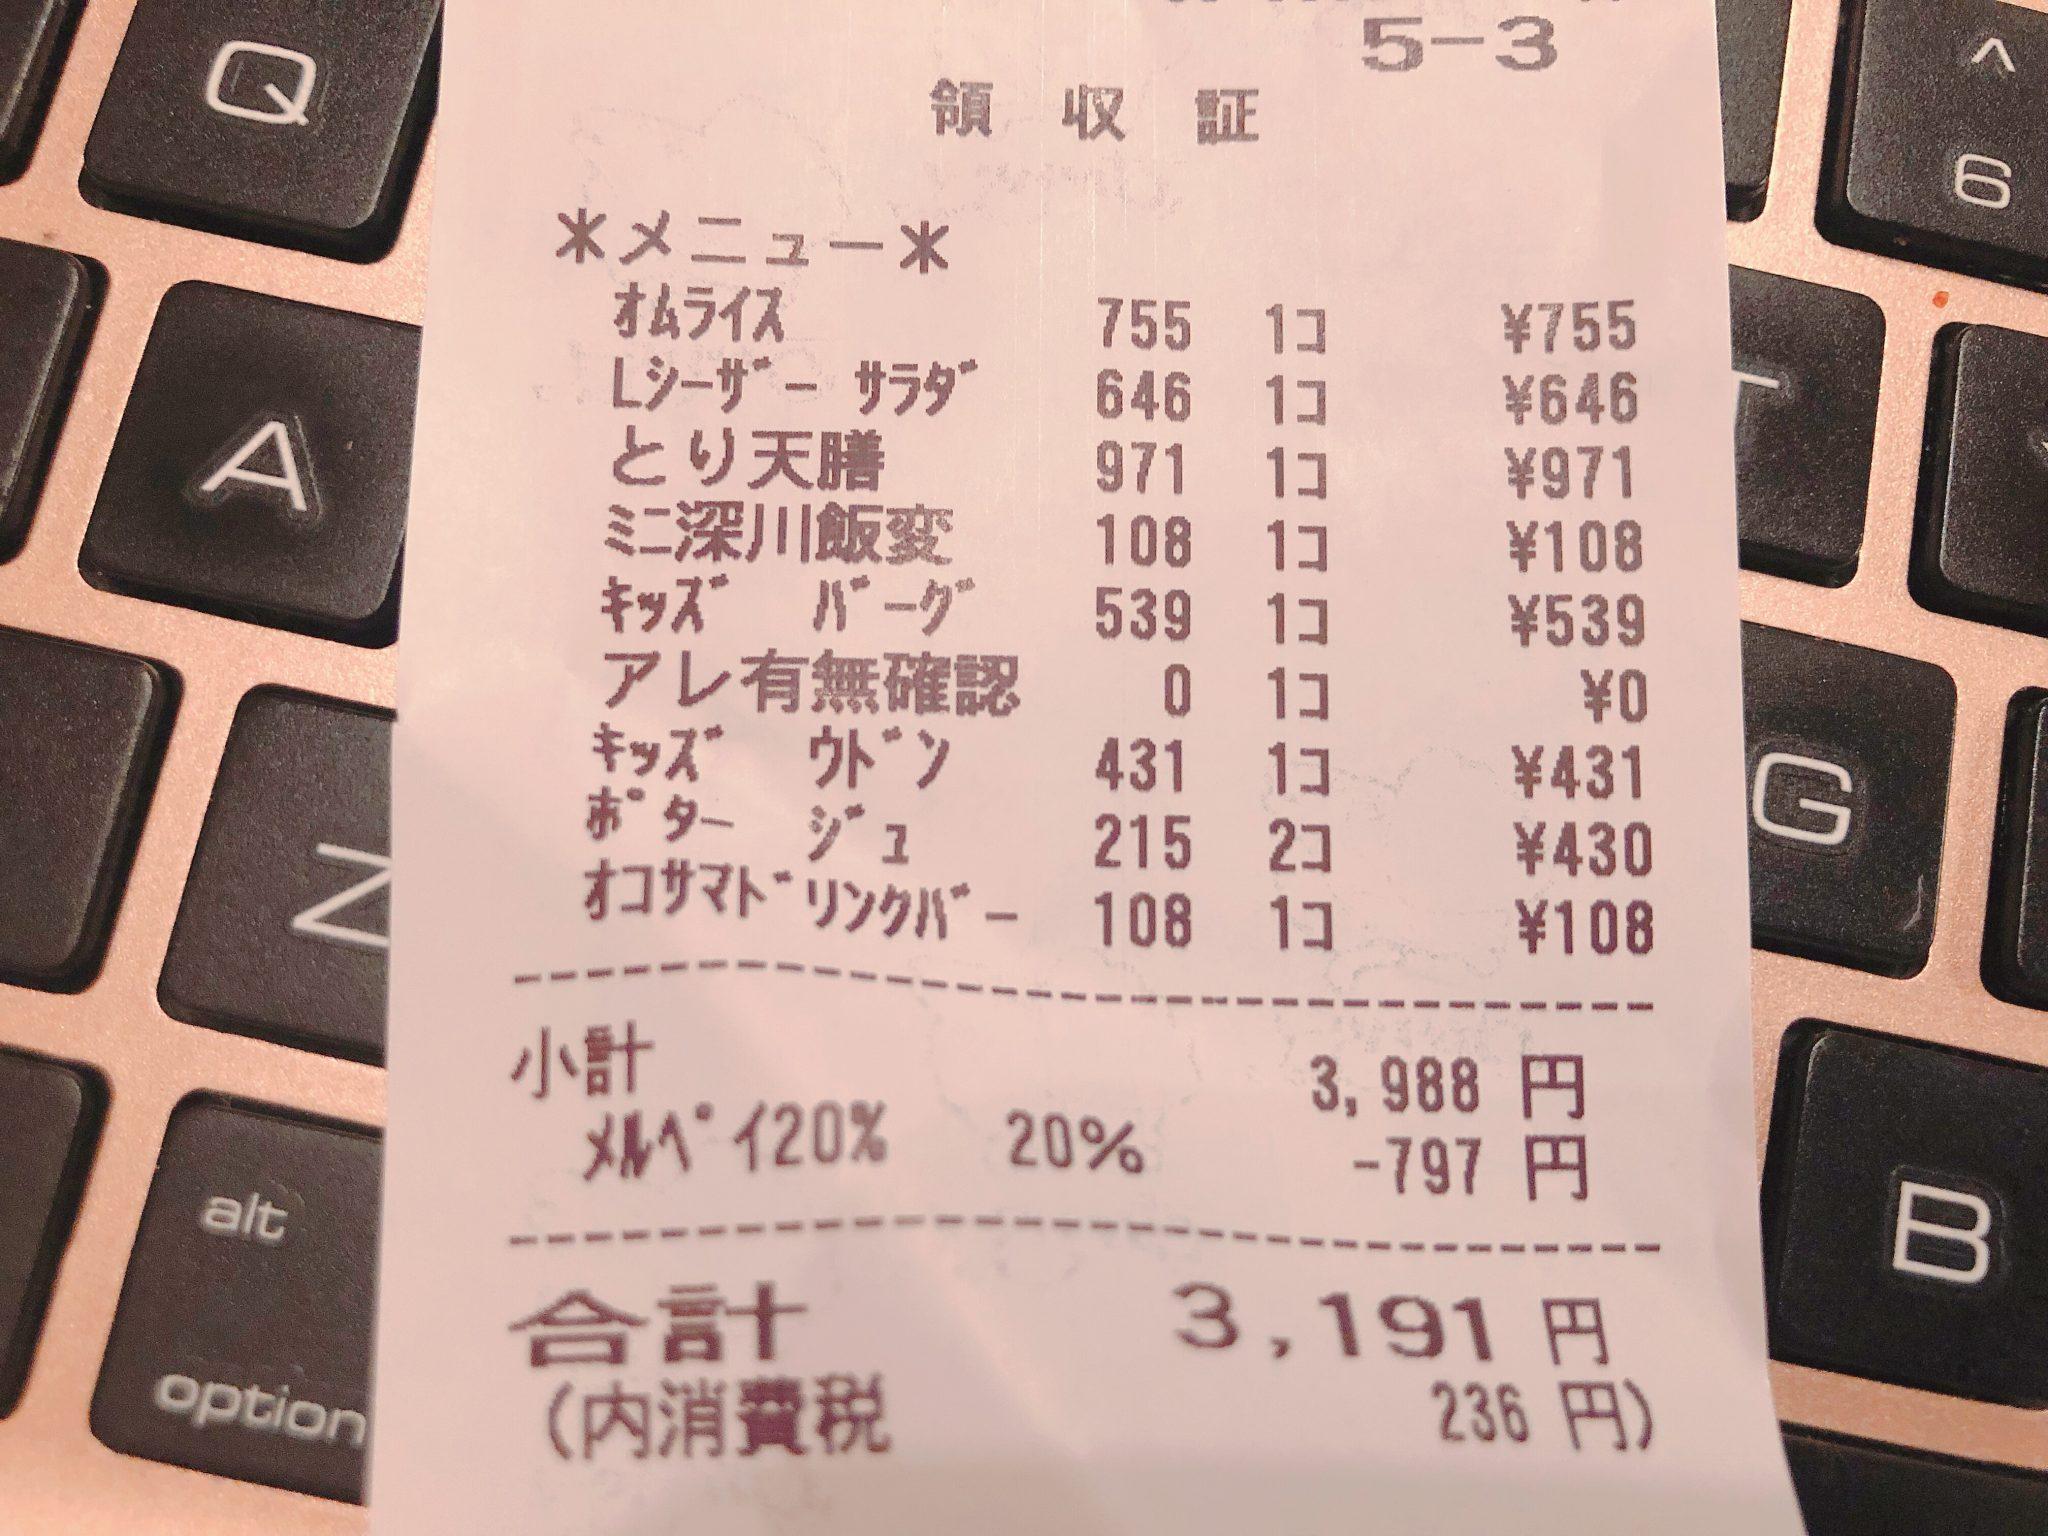 【メルペイ クーポン】ガストでの食事が20%オフになったレシート